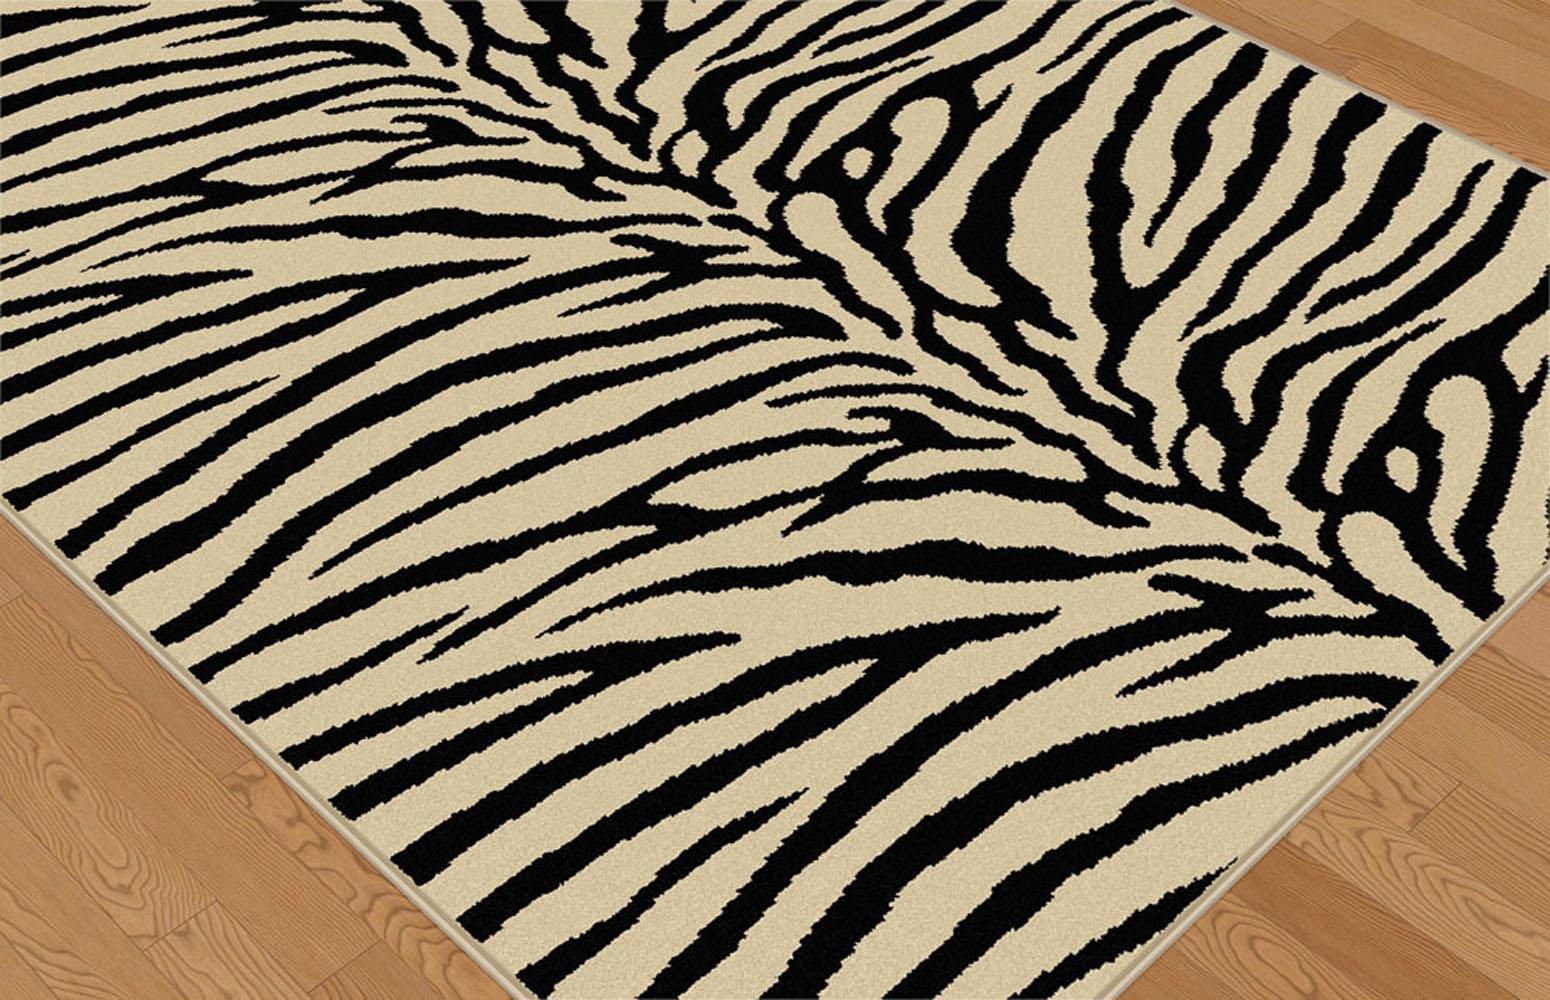 ivories exotic skin animal prints area rug stripes animal. Black Bedroom Furniture Sets. Home Design Ideas